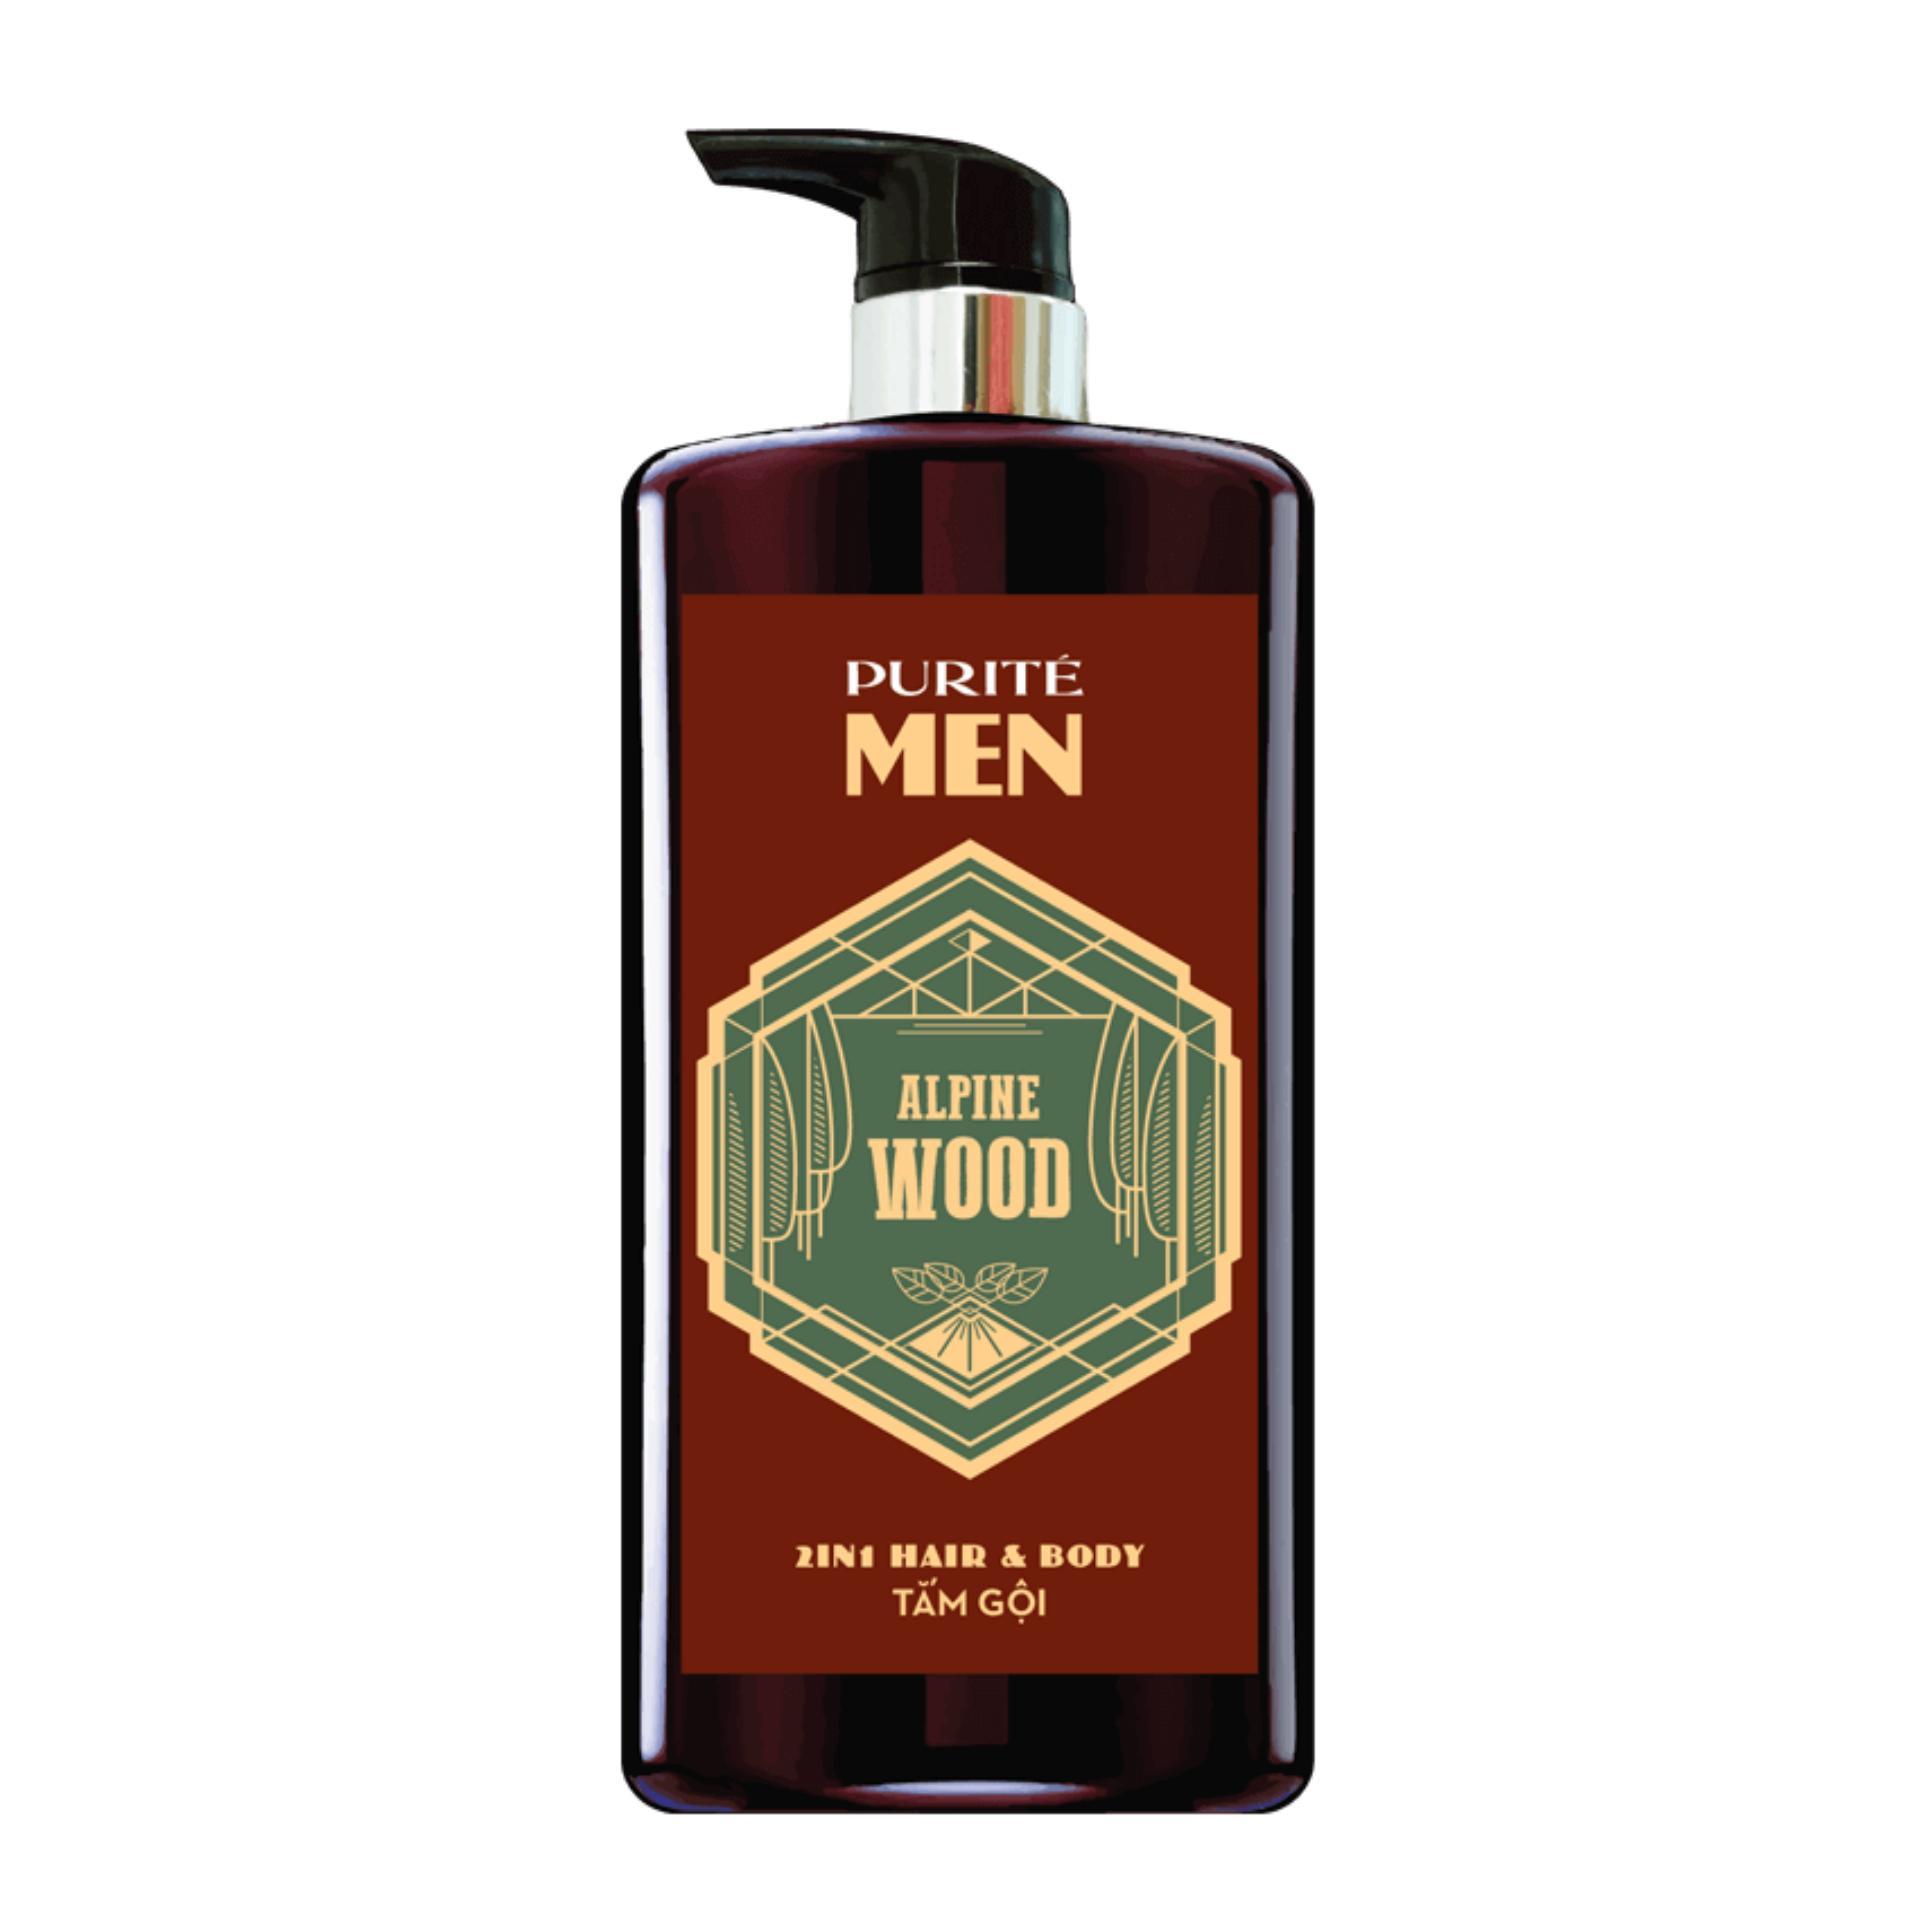 Trang bán Sữa Tắm Gội Hương Gỗ Alpine Wood 2in1 Hair & Body – Purite by Provence 650ml